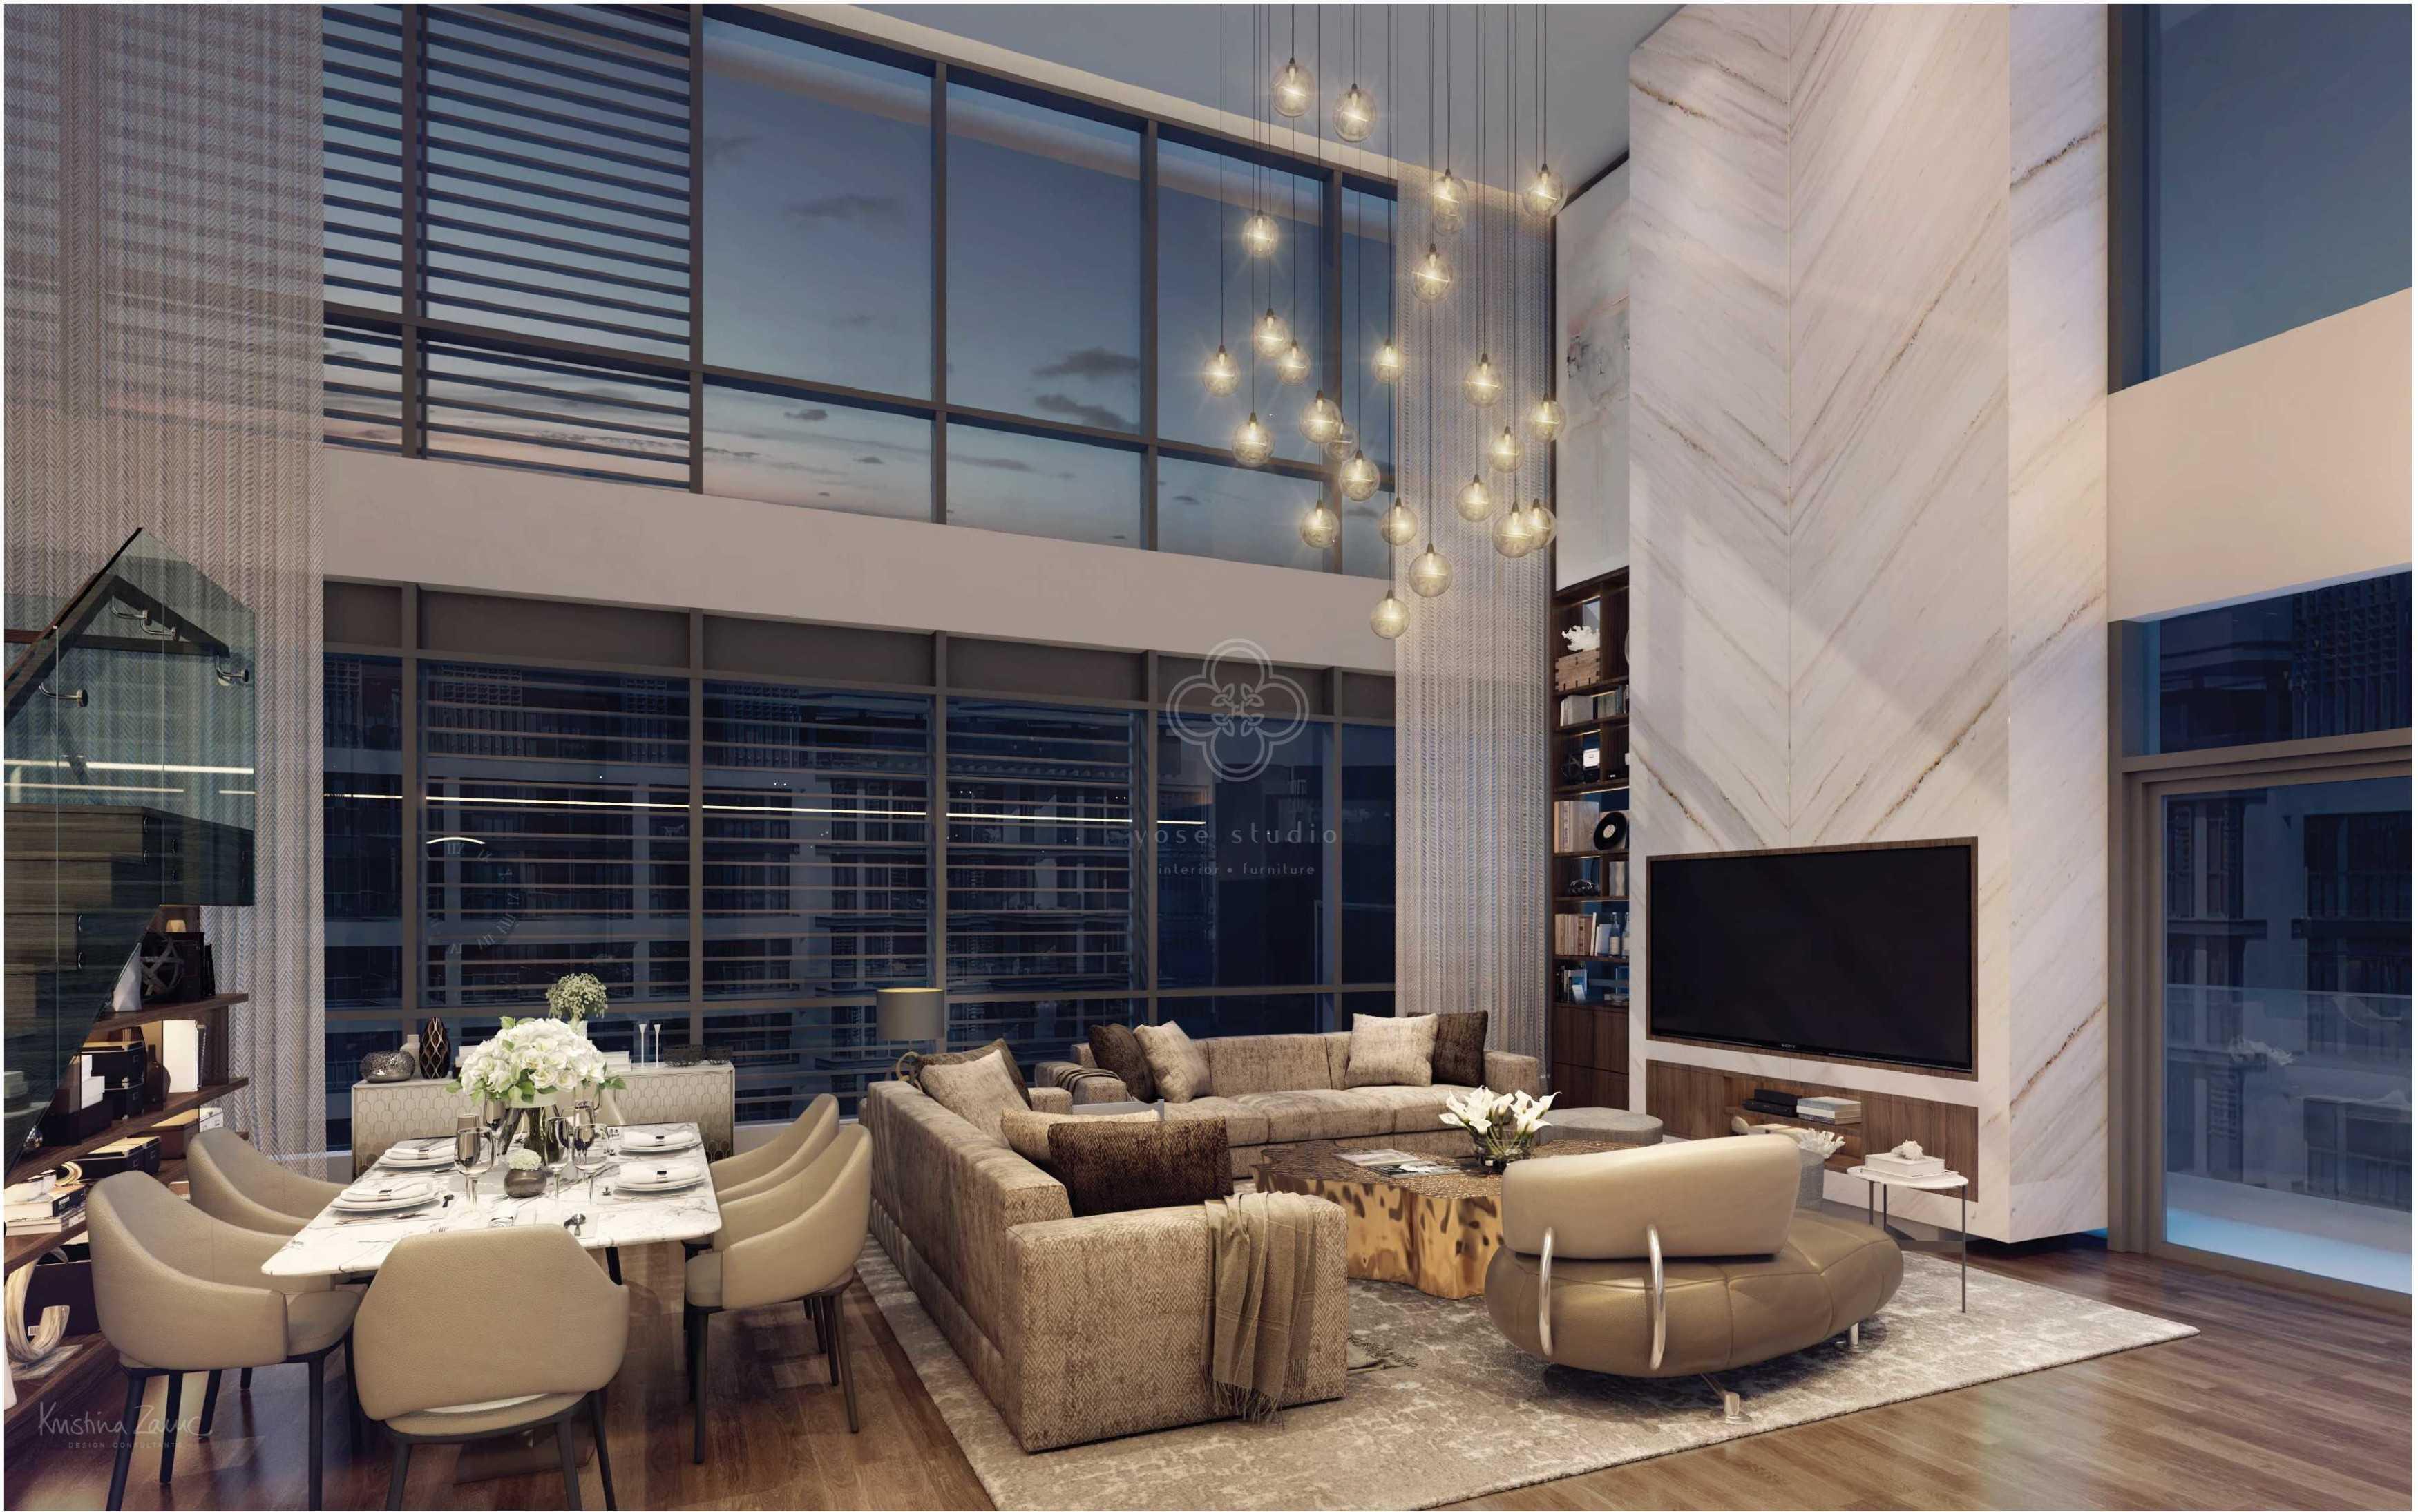 Yose Studio Citywalk Apartment, Dubai Dubai - Uni Emirat Arab Dubai - Uni Emirat Arab Yose-Studio-Citywalk-Apartment-Dubai   109587